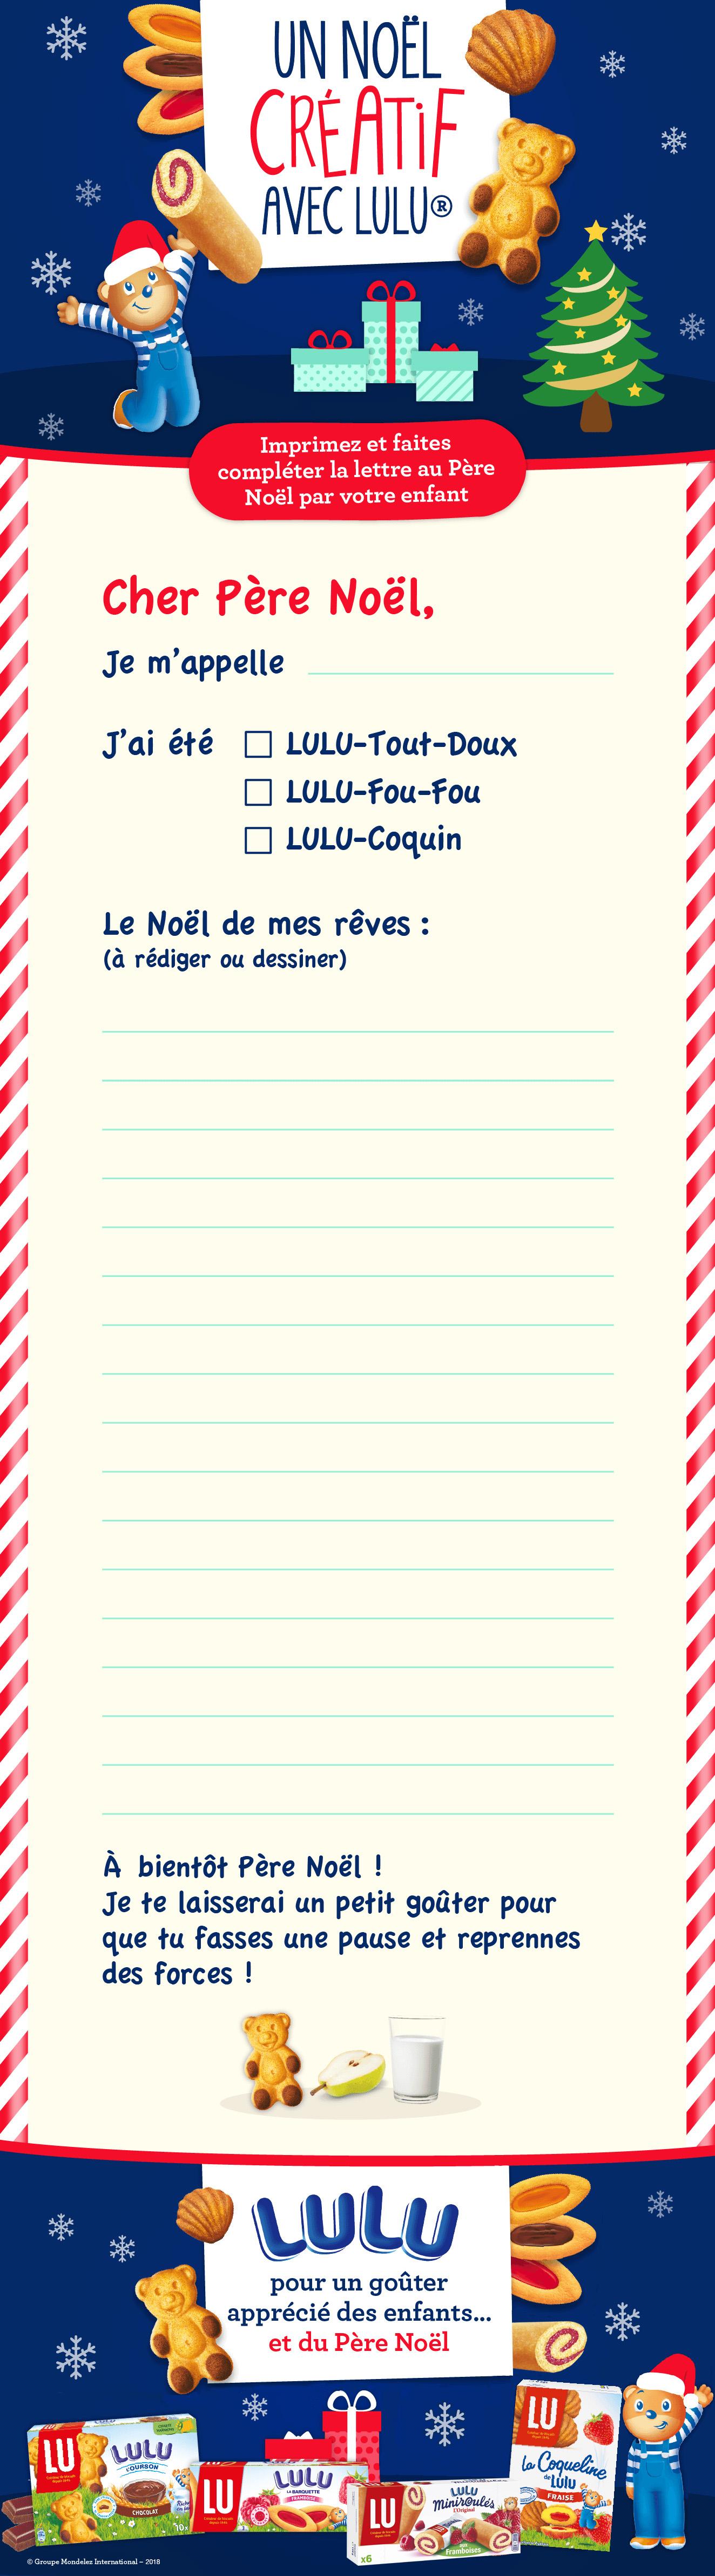 Un Modèle De Lettre Au Père Noël À Imprimer Avec Lulu à Liste Pere Noel Imprimer